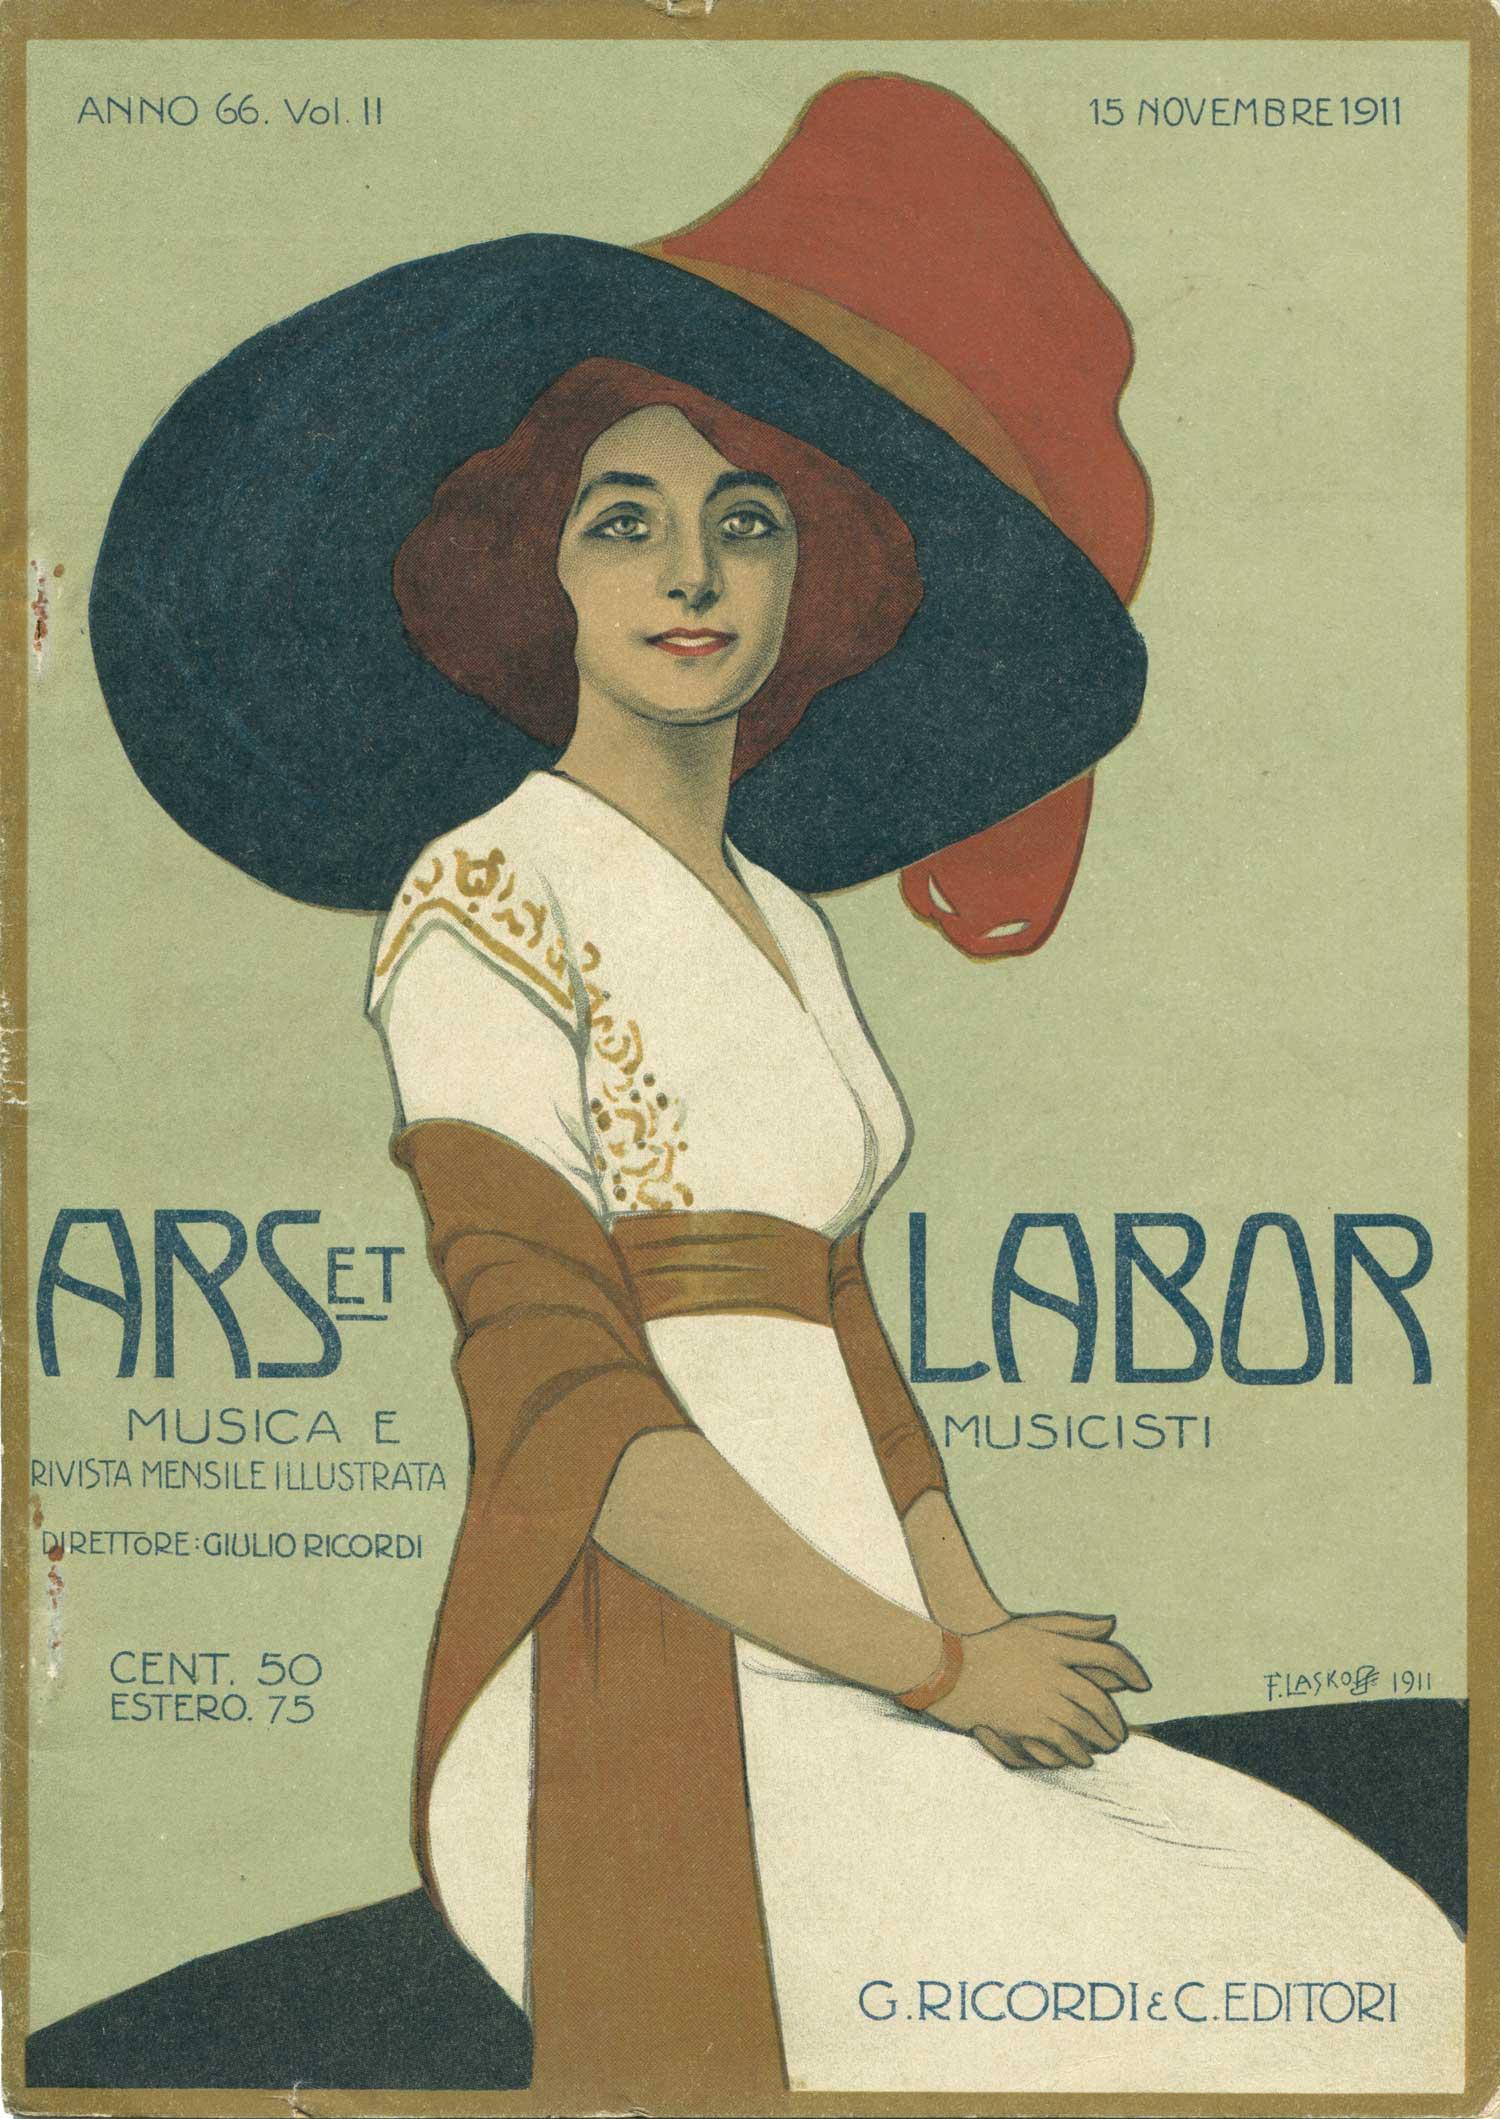 Laskoff-Franz_Ars-et-labor_musica-e-musicisti_n.11_15-novembre-1911